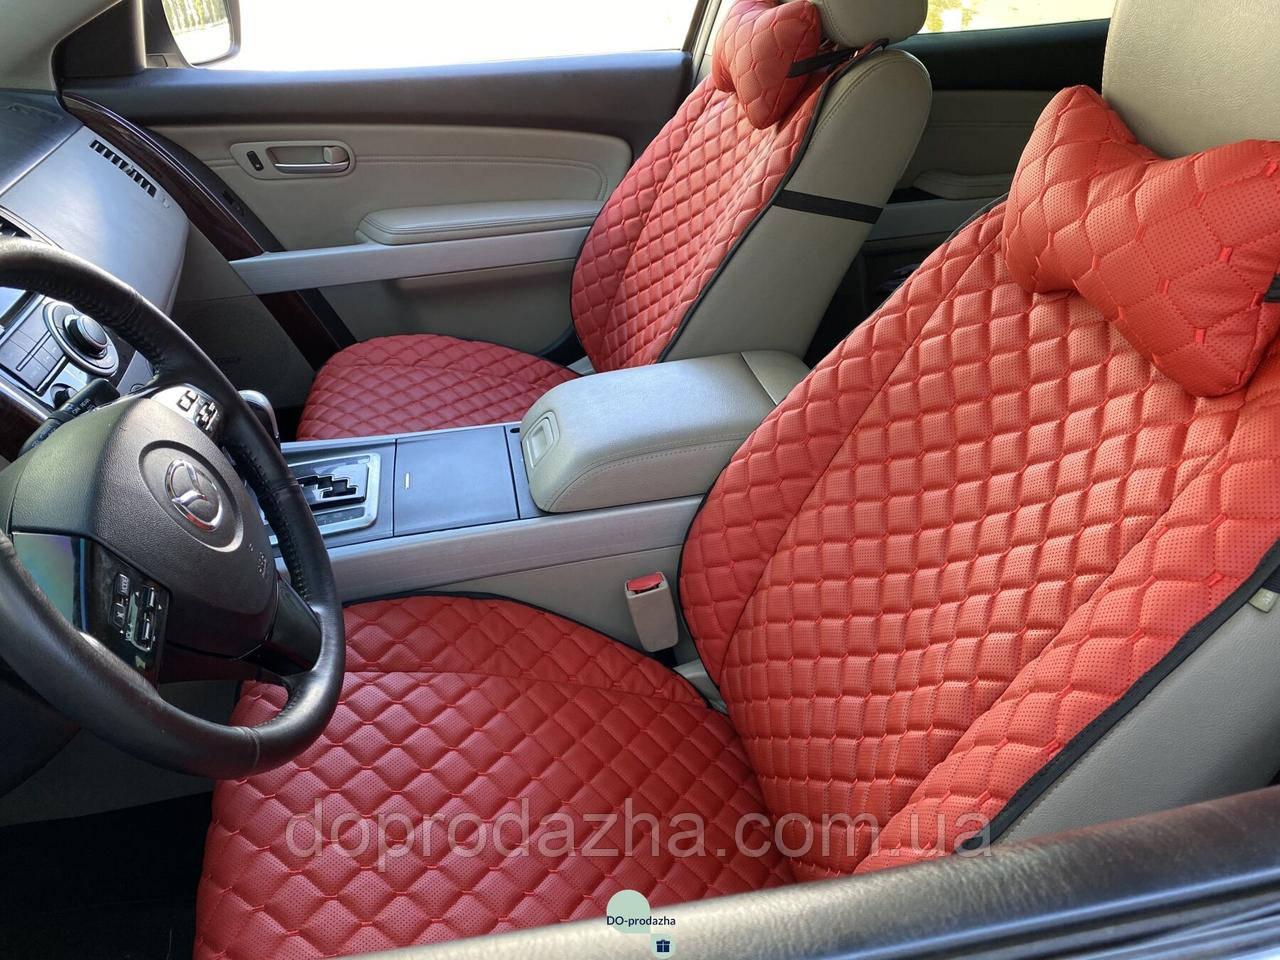 Накидки для авто з перфорованої екошкіри, червоні з червоною строчкою, Преміум +, Передній комплект